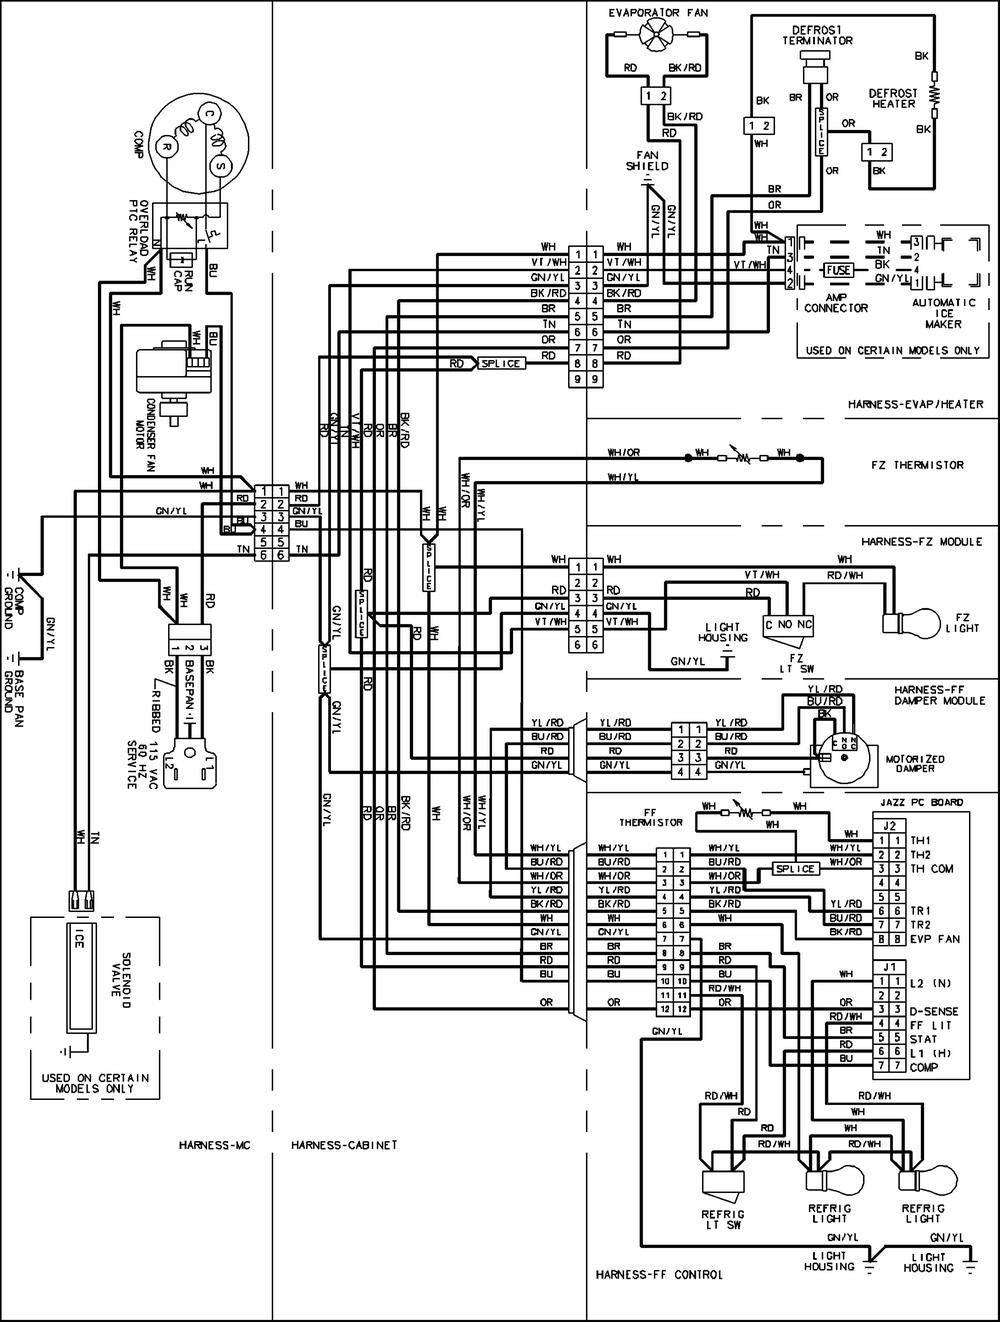 Amanna Refrigerator Wiring Diagram | Wiring Diagram - Refrigerator Wiring Diagram Pdf